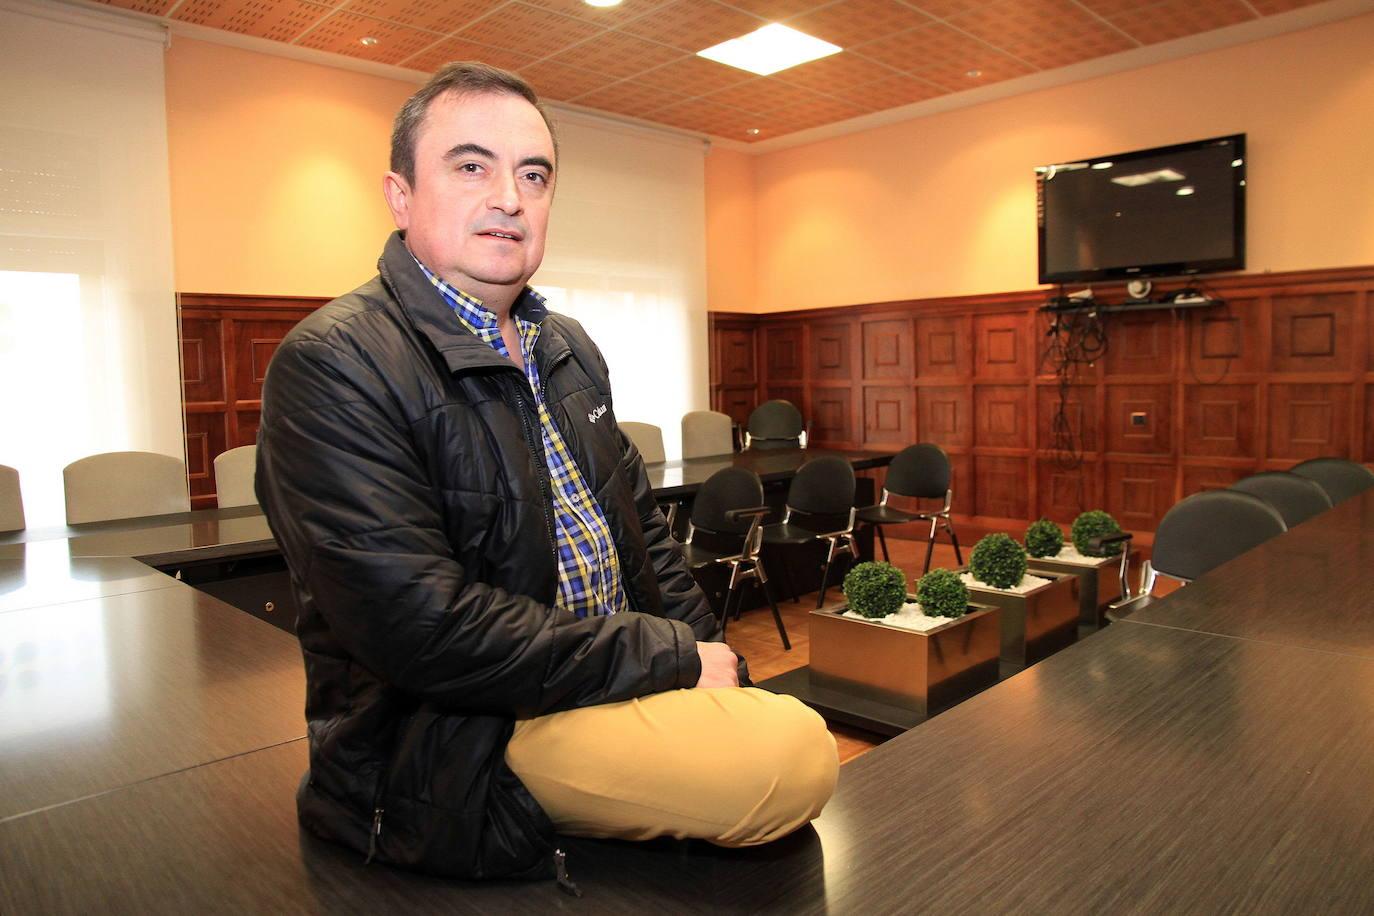 Dimite el presidente de la Lonja Agropecuaria de Segovia